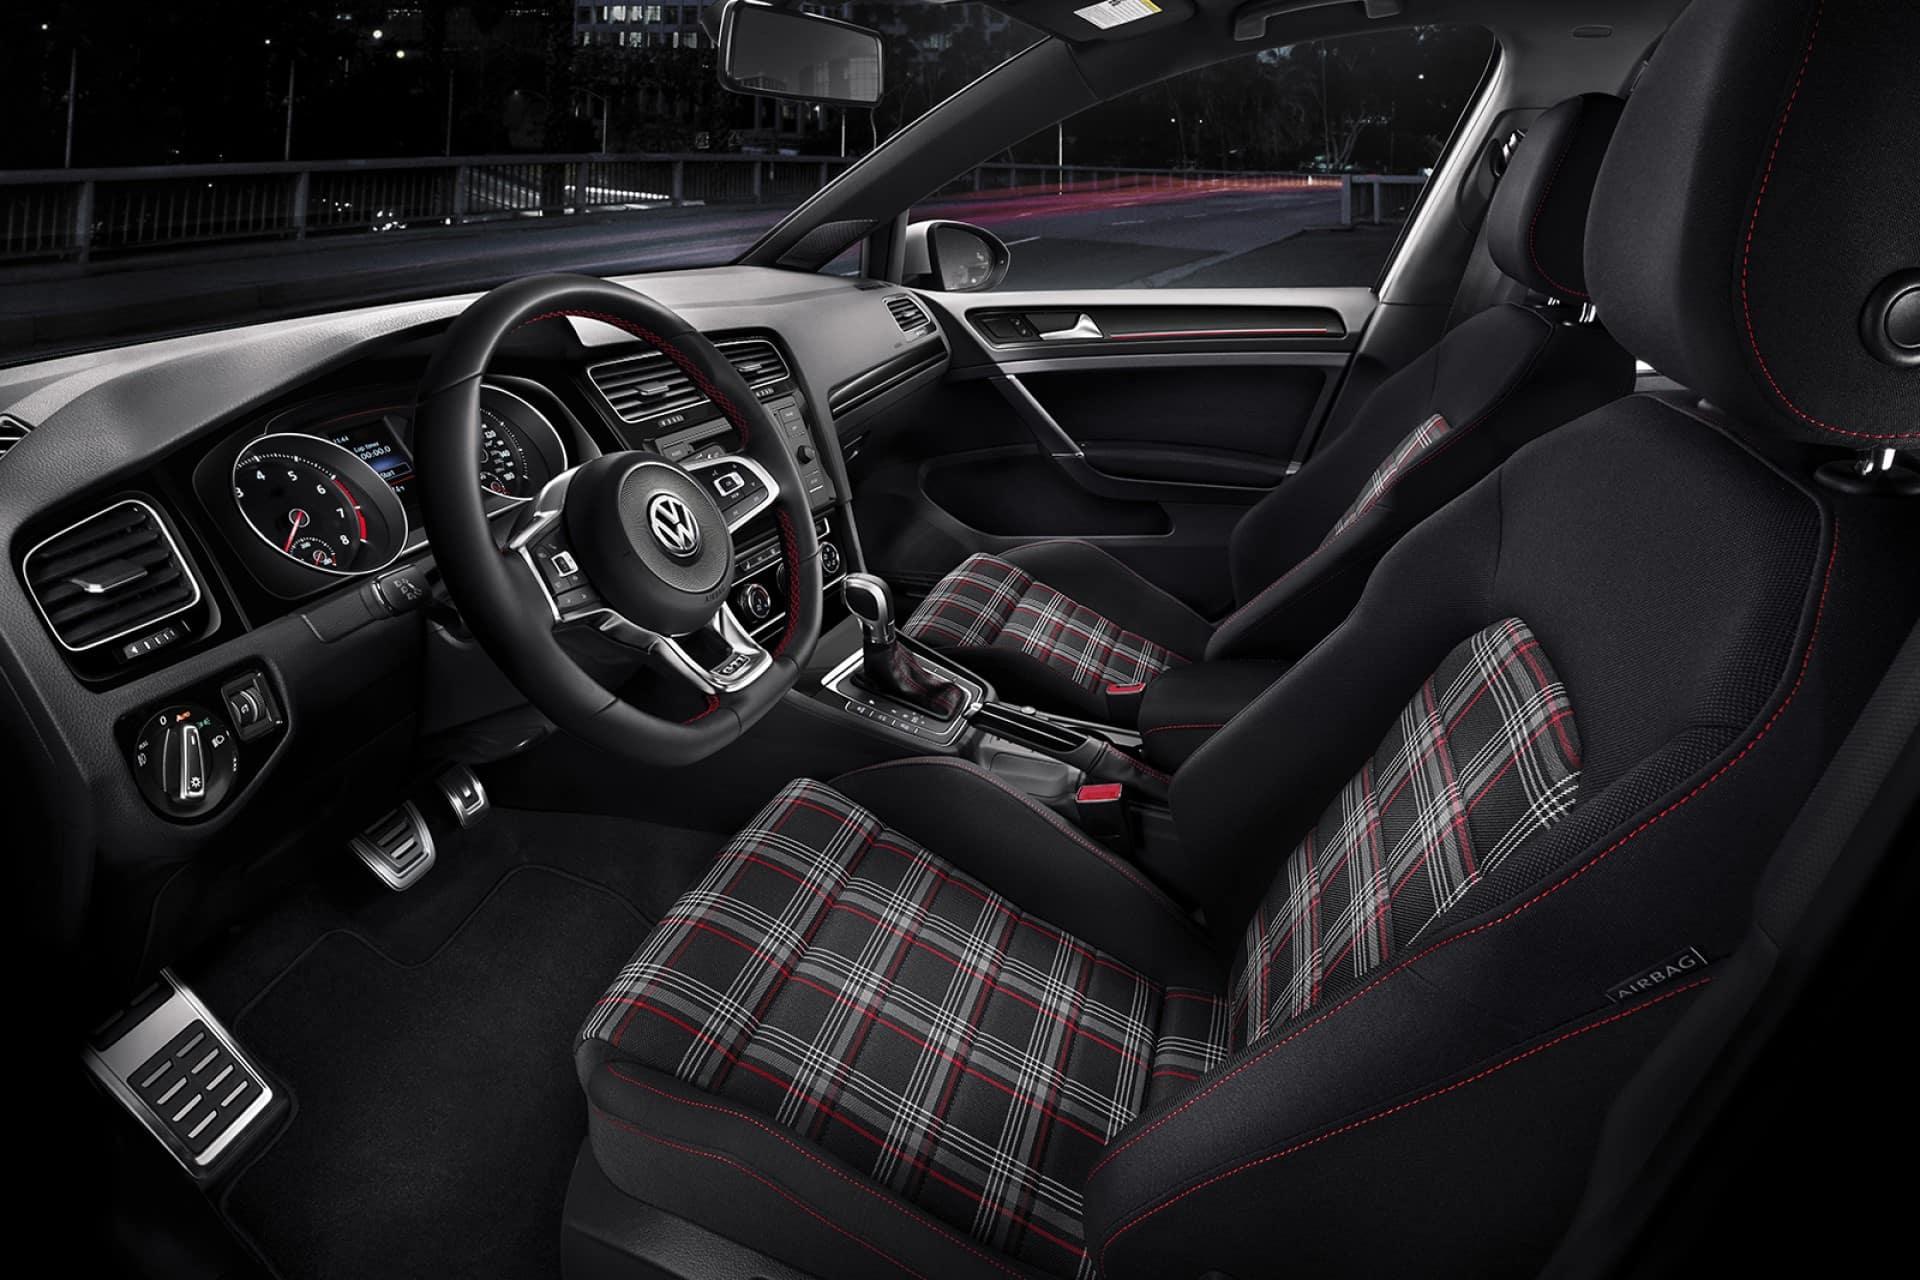 Volkswagen_Golf_GTI_Interior_Front_Seats